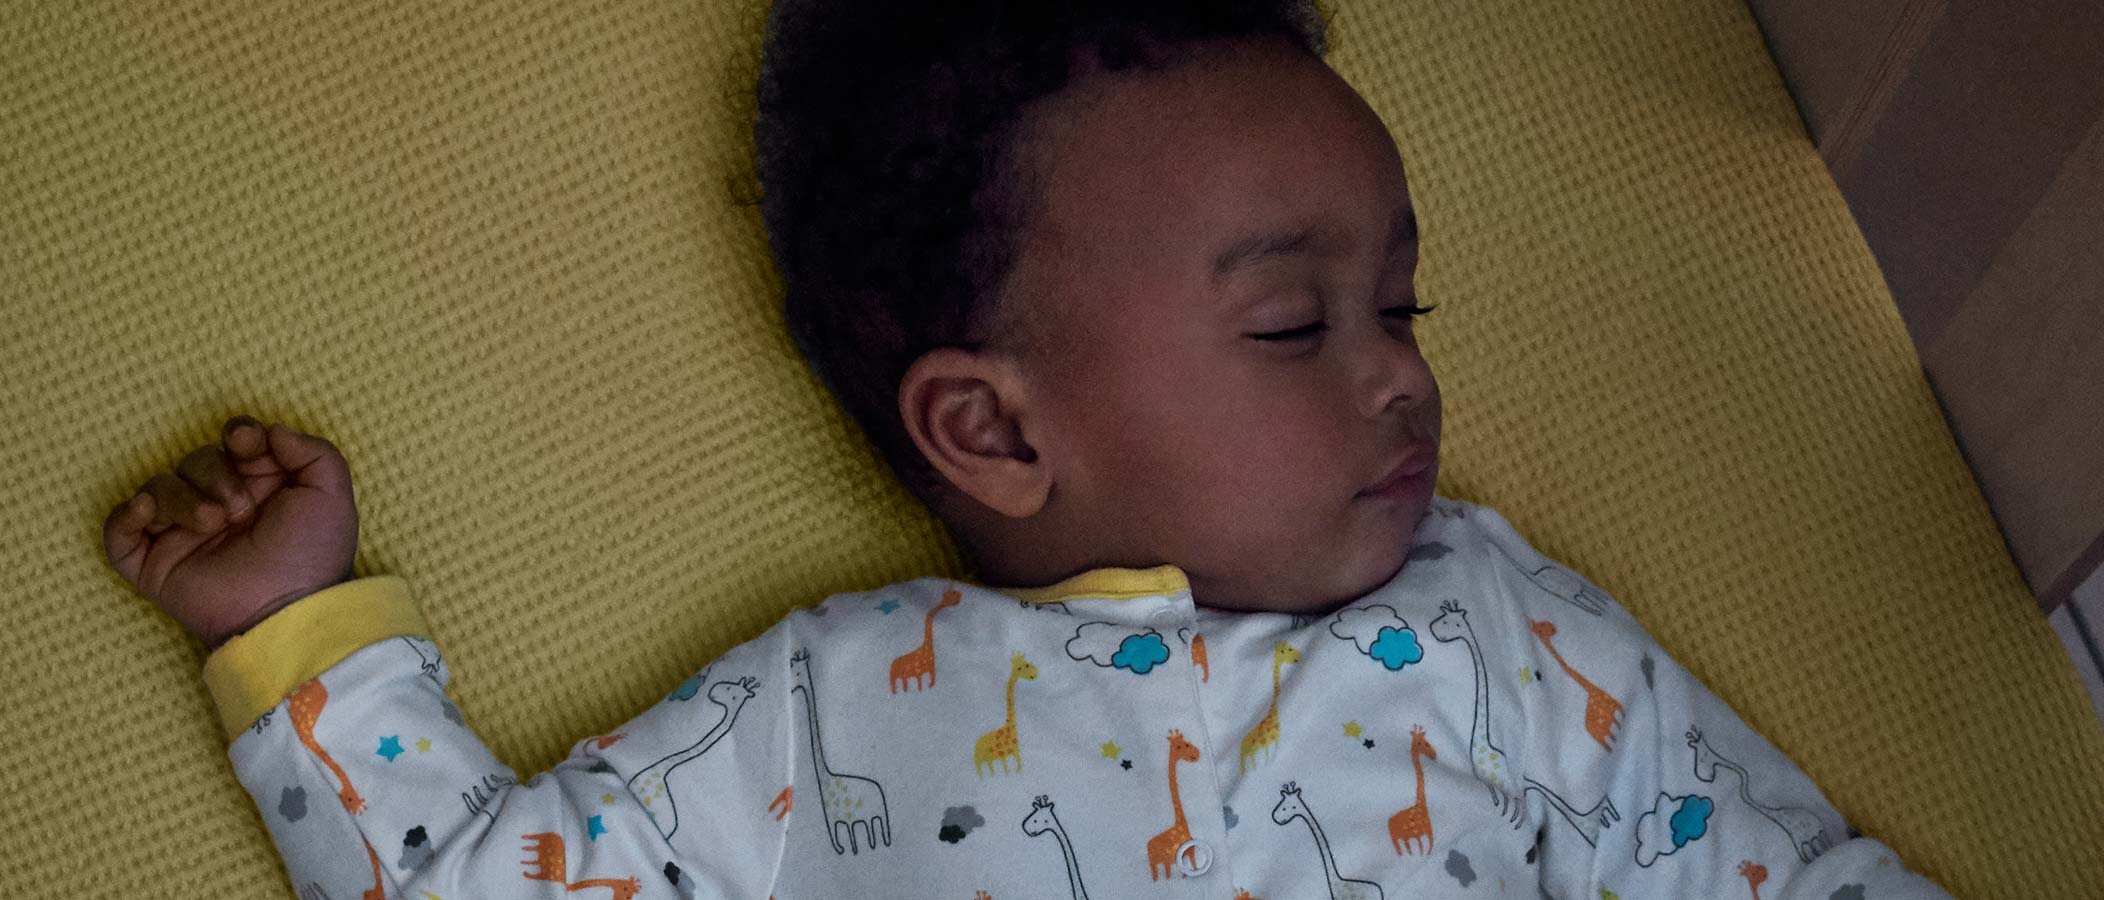 Bebê de pijamas dormindo num berço